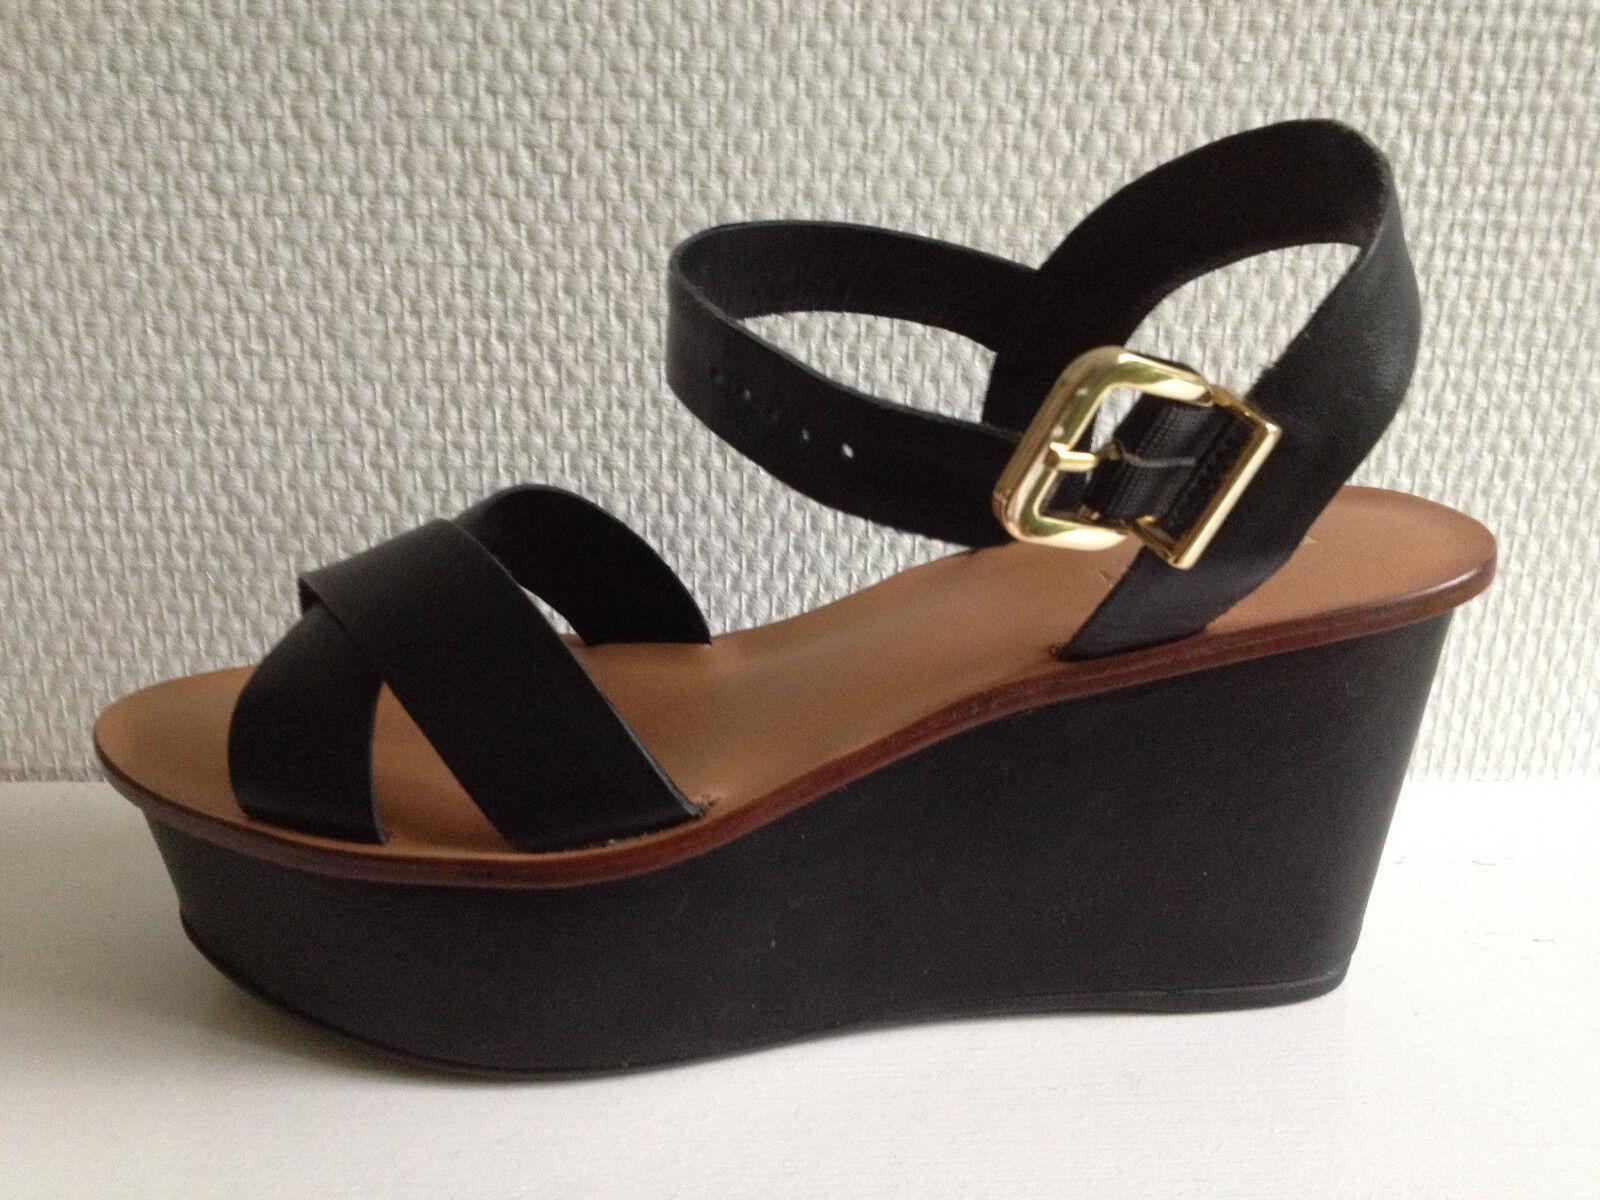 Chaussures en cuir noir   sandales   nu-pieds - MINELLI - pointure 39 - neuves